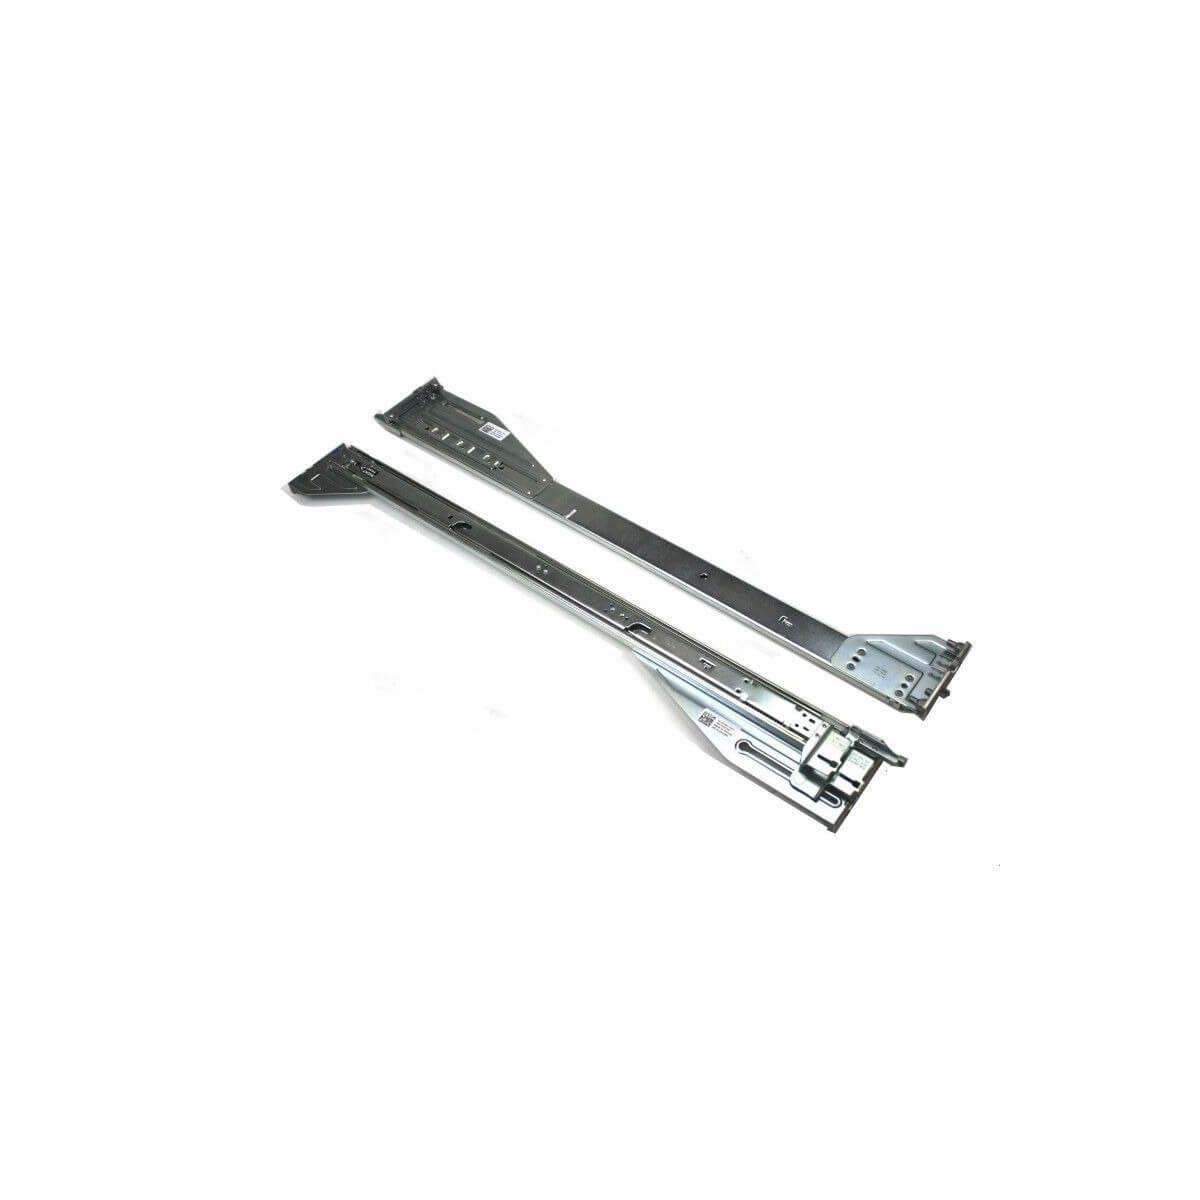 Rail Kit/Sine Rack Dell Poweredge R710 - 1 - Sine Rack Server - 357,00lei